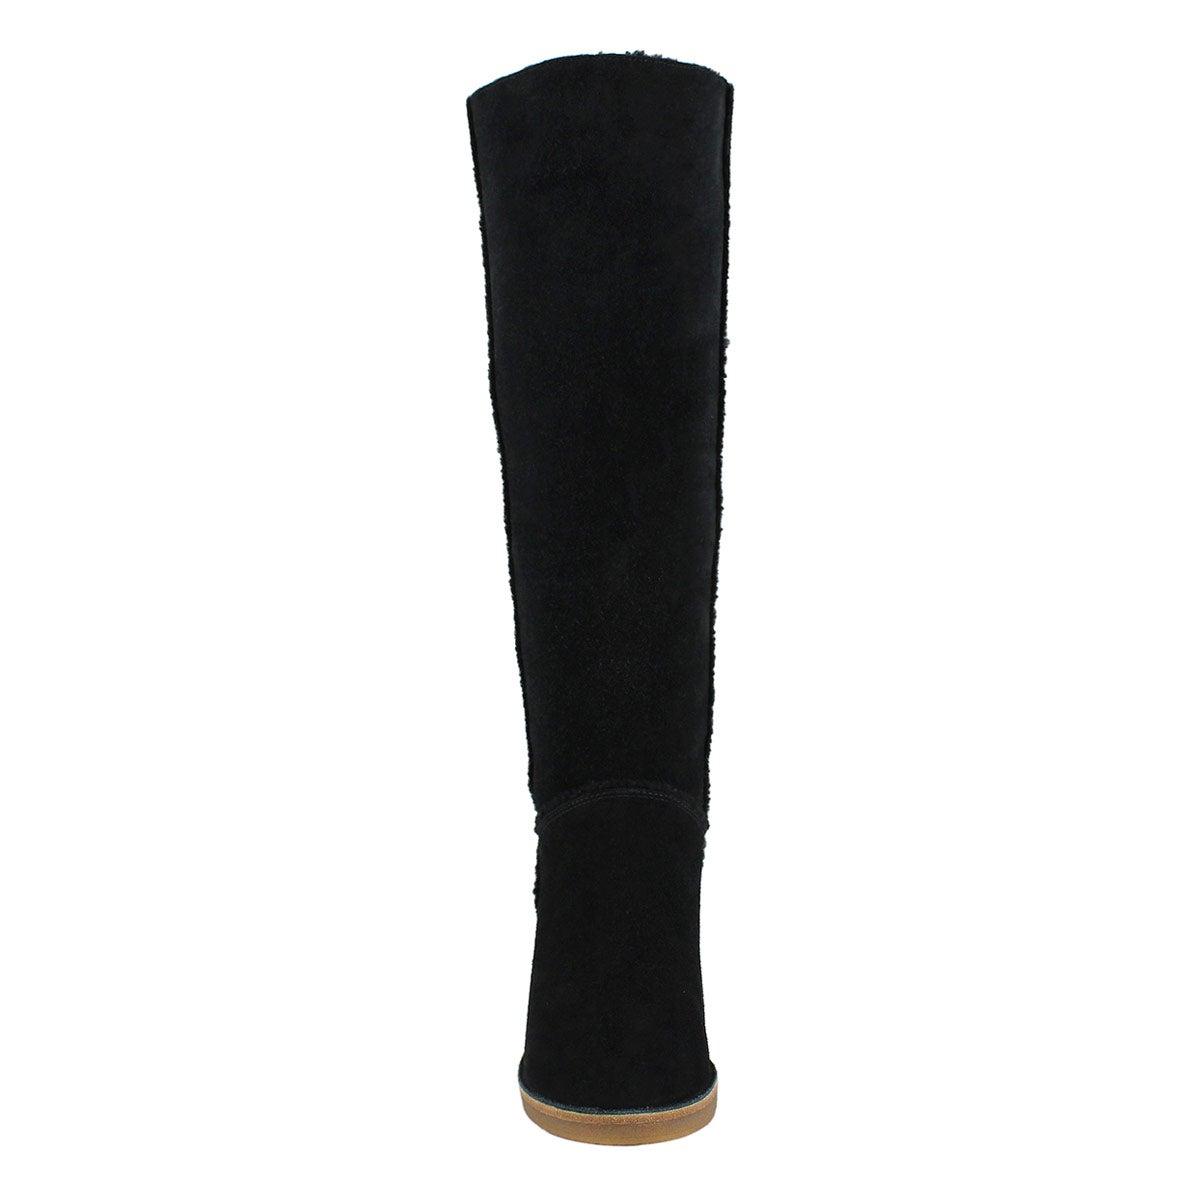 Lds Kasen Tall black knee high boot